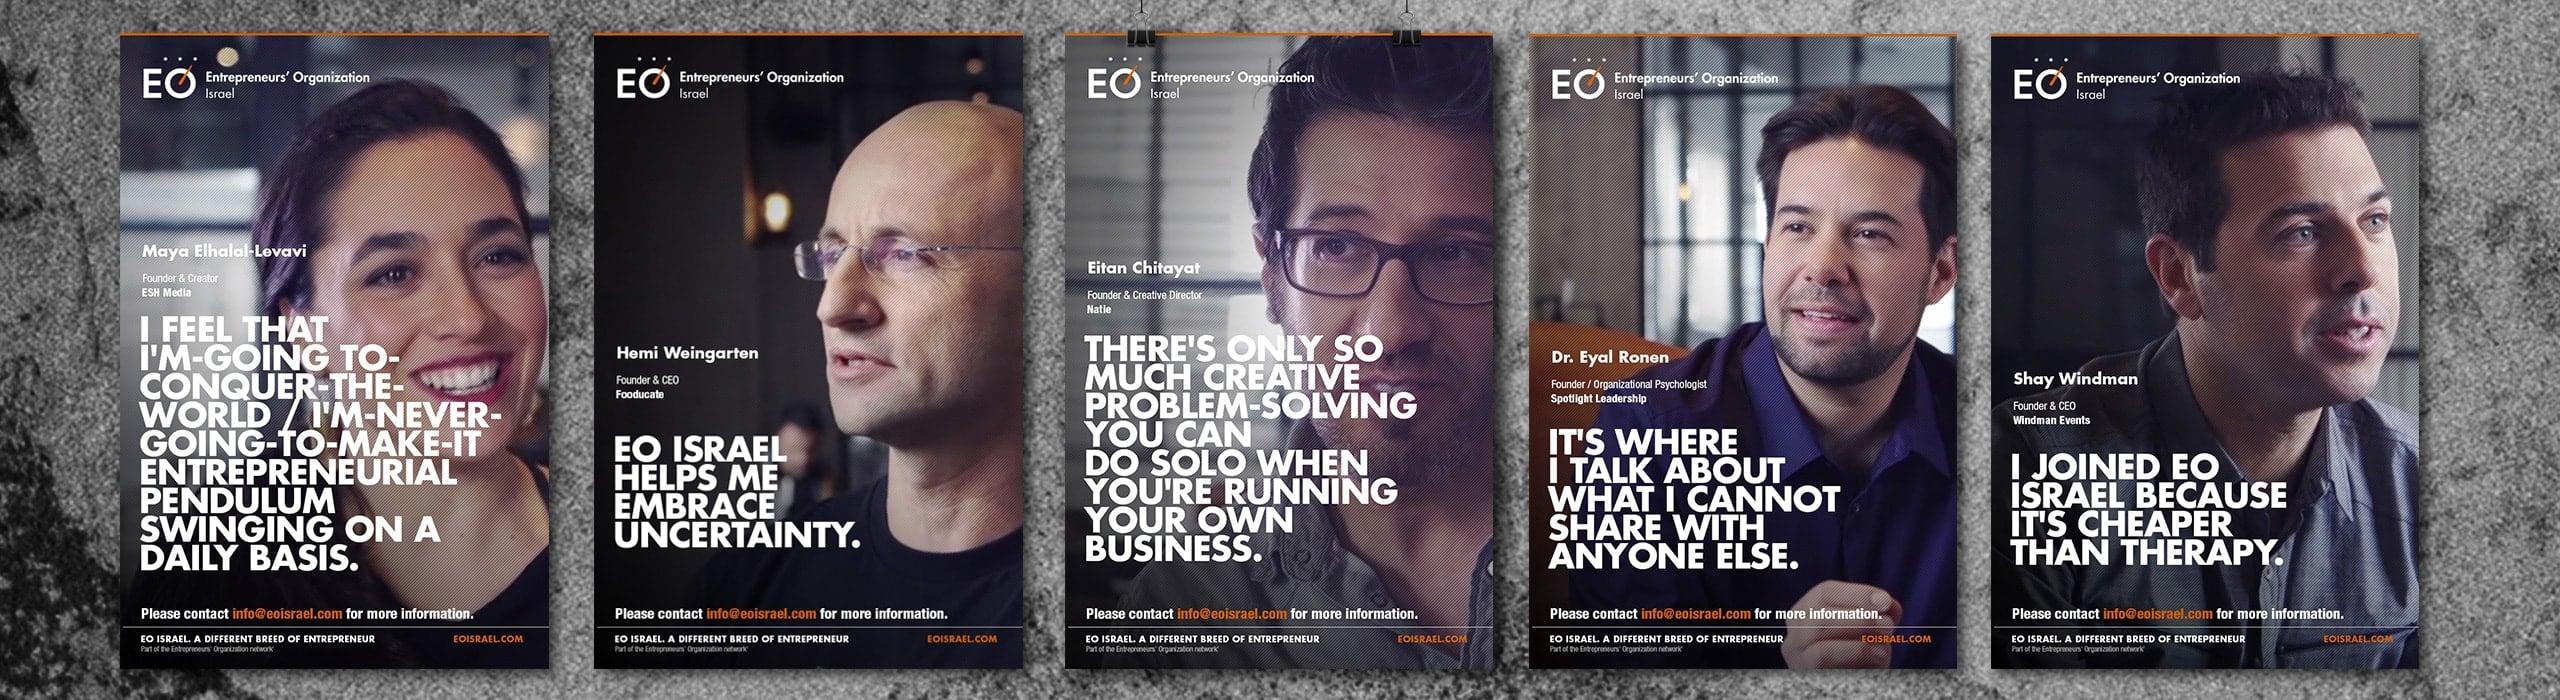 EO Israel - natie-eo-israel-poster - Natie Branding Agency